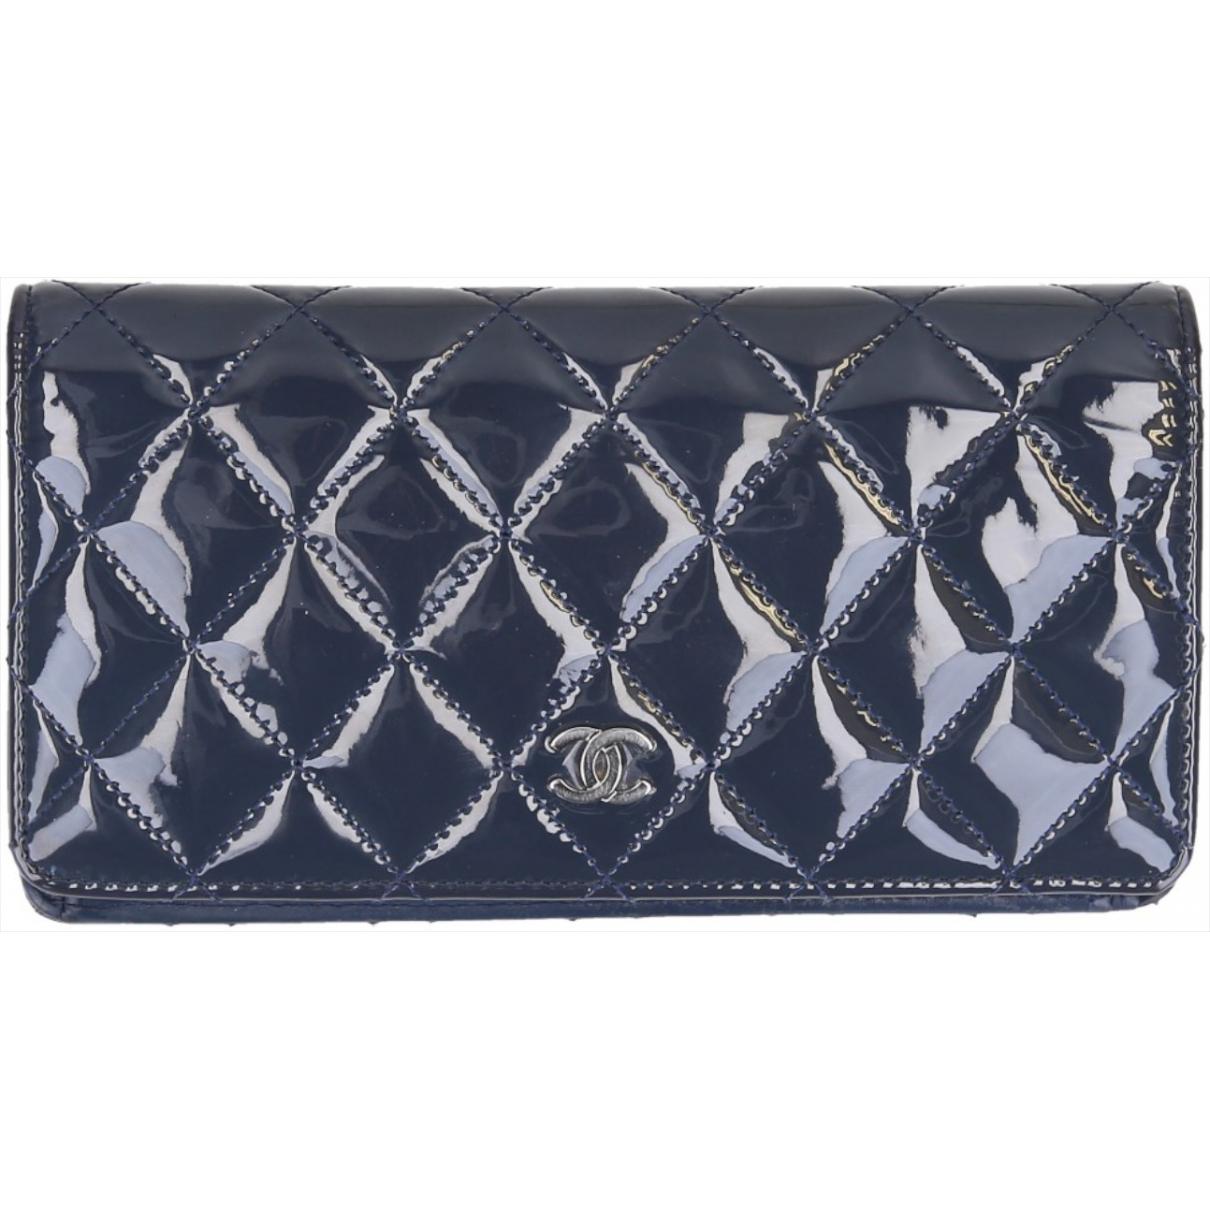 Chanel Timeless/Classique Portemonnaie in  Blau Lackleder